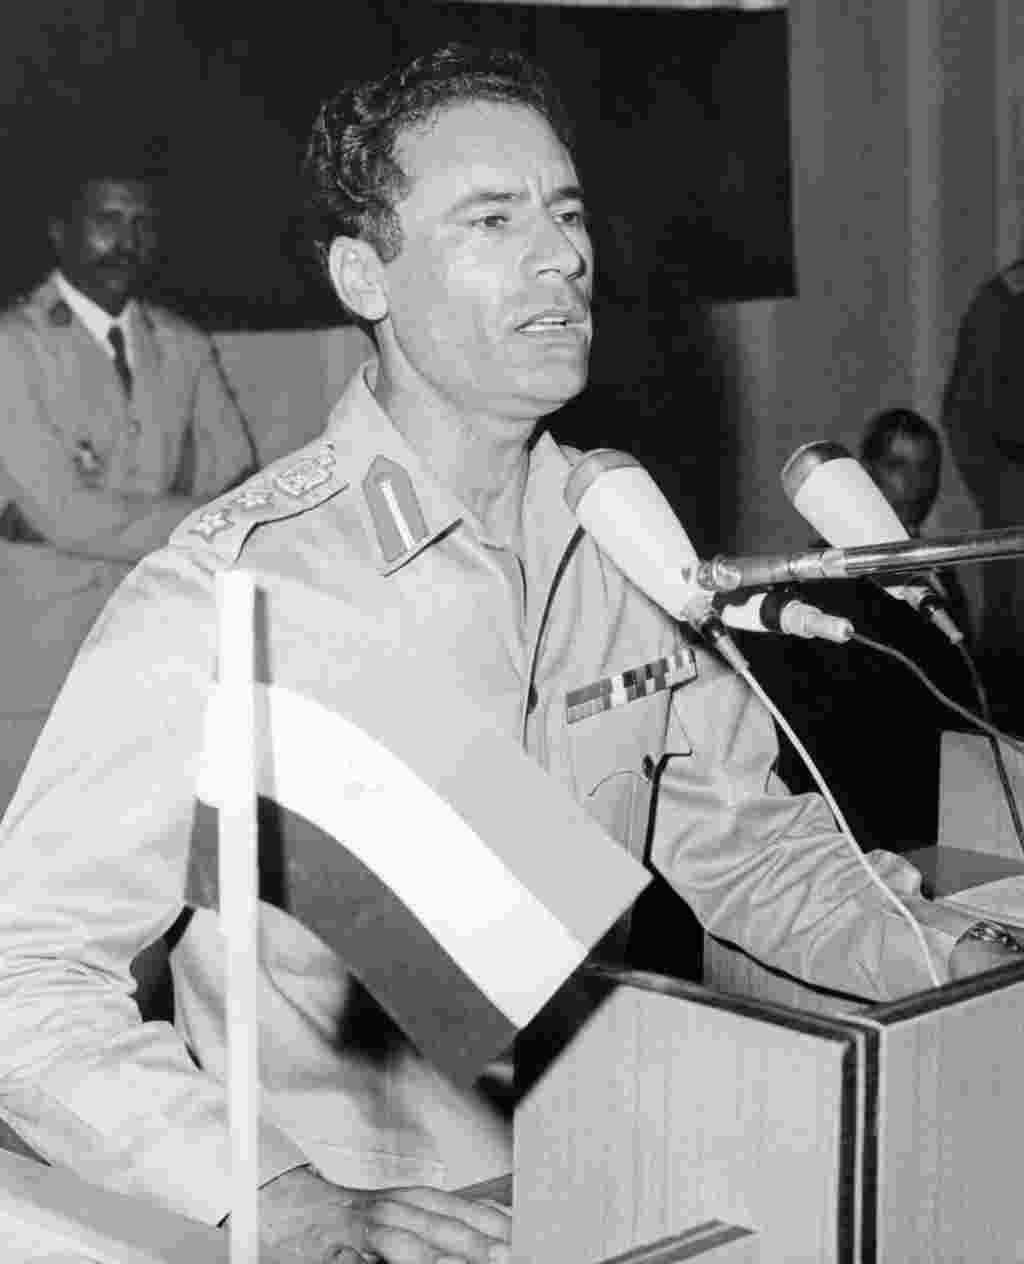 Moammar Gadhafi nació en 1942. En 1963 formó el Movimiento de Oficiales Libres, un grupo armado revolucionario que derrocó al Rey de Idris de Libia en 1969.